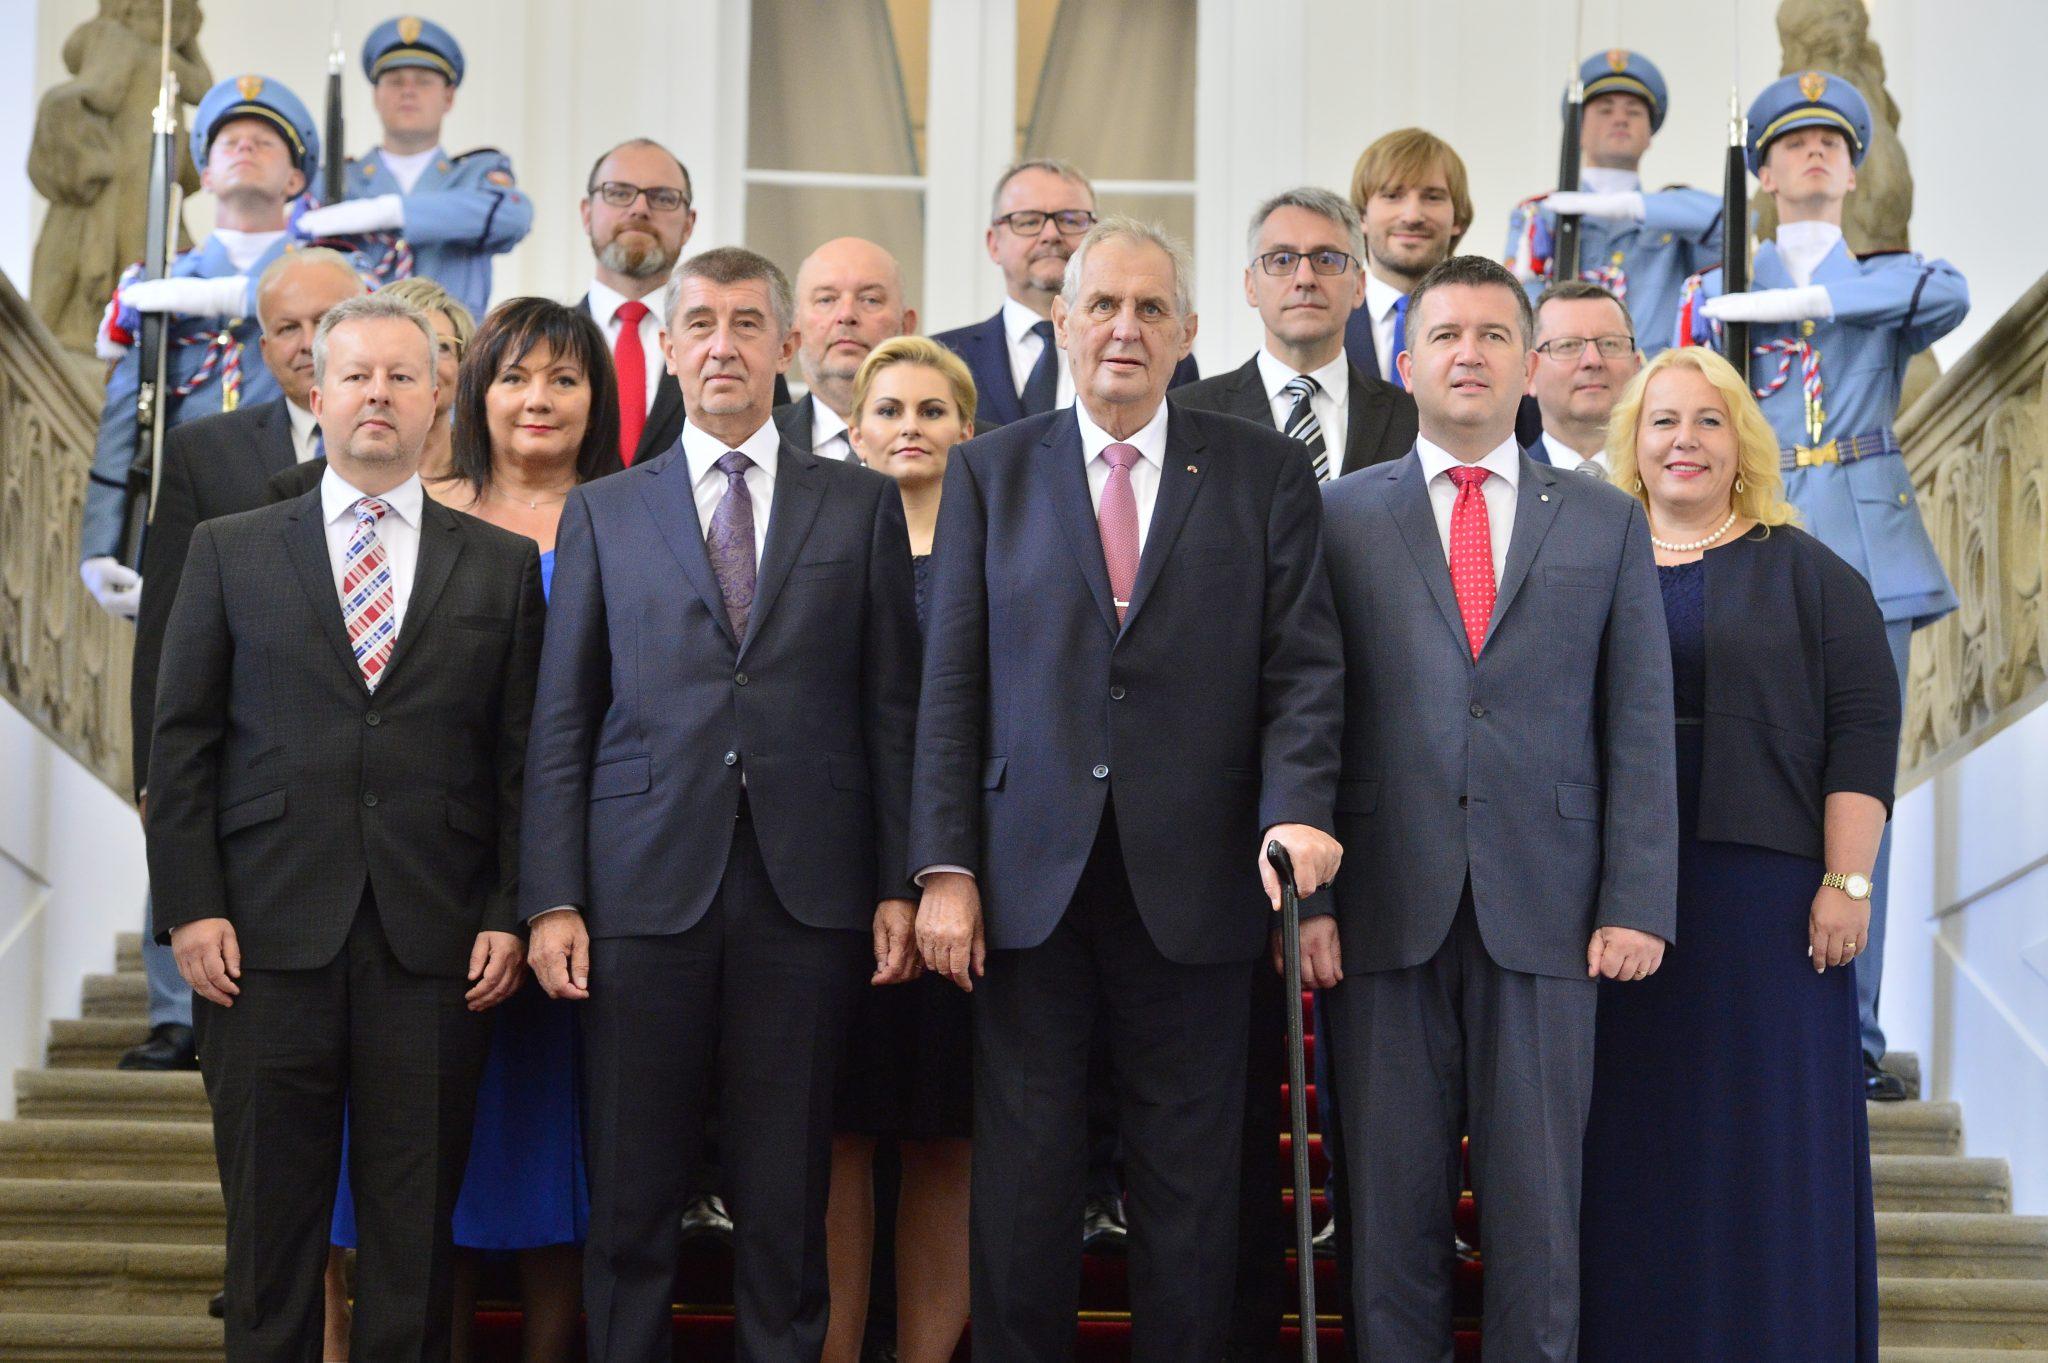 Druhá vláda Andreje Babiše krátce po svém jmenování v červnu 2018 (Zbyněk Pecák)